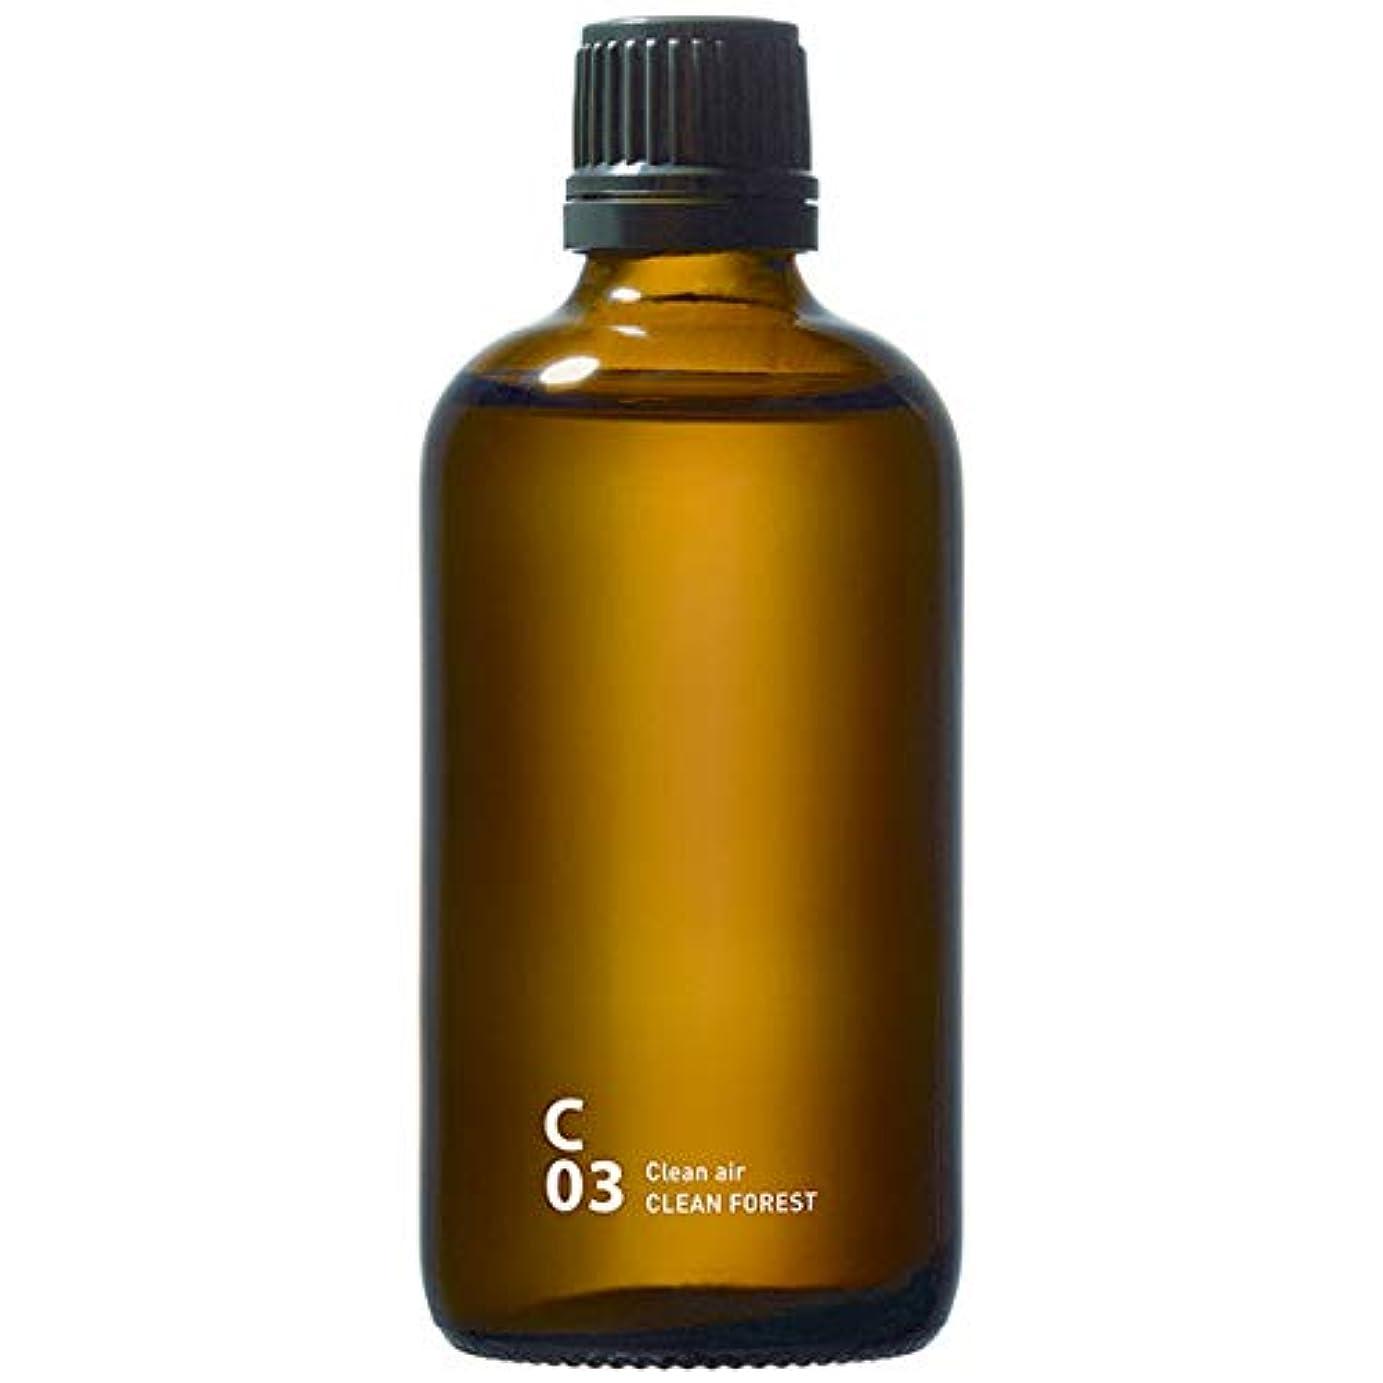 ボウル代理人特殊C03 CLEAN FOREST piezo aroma oil 100ml